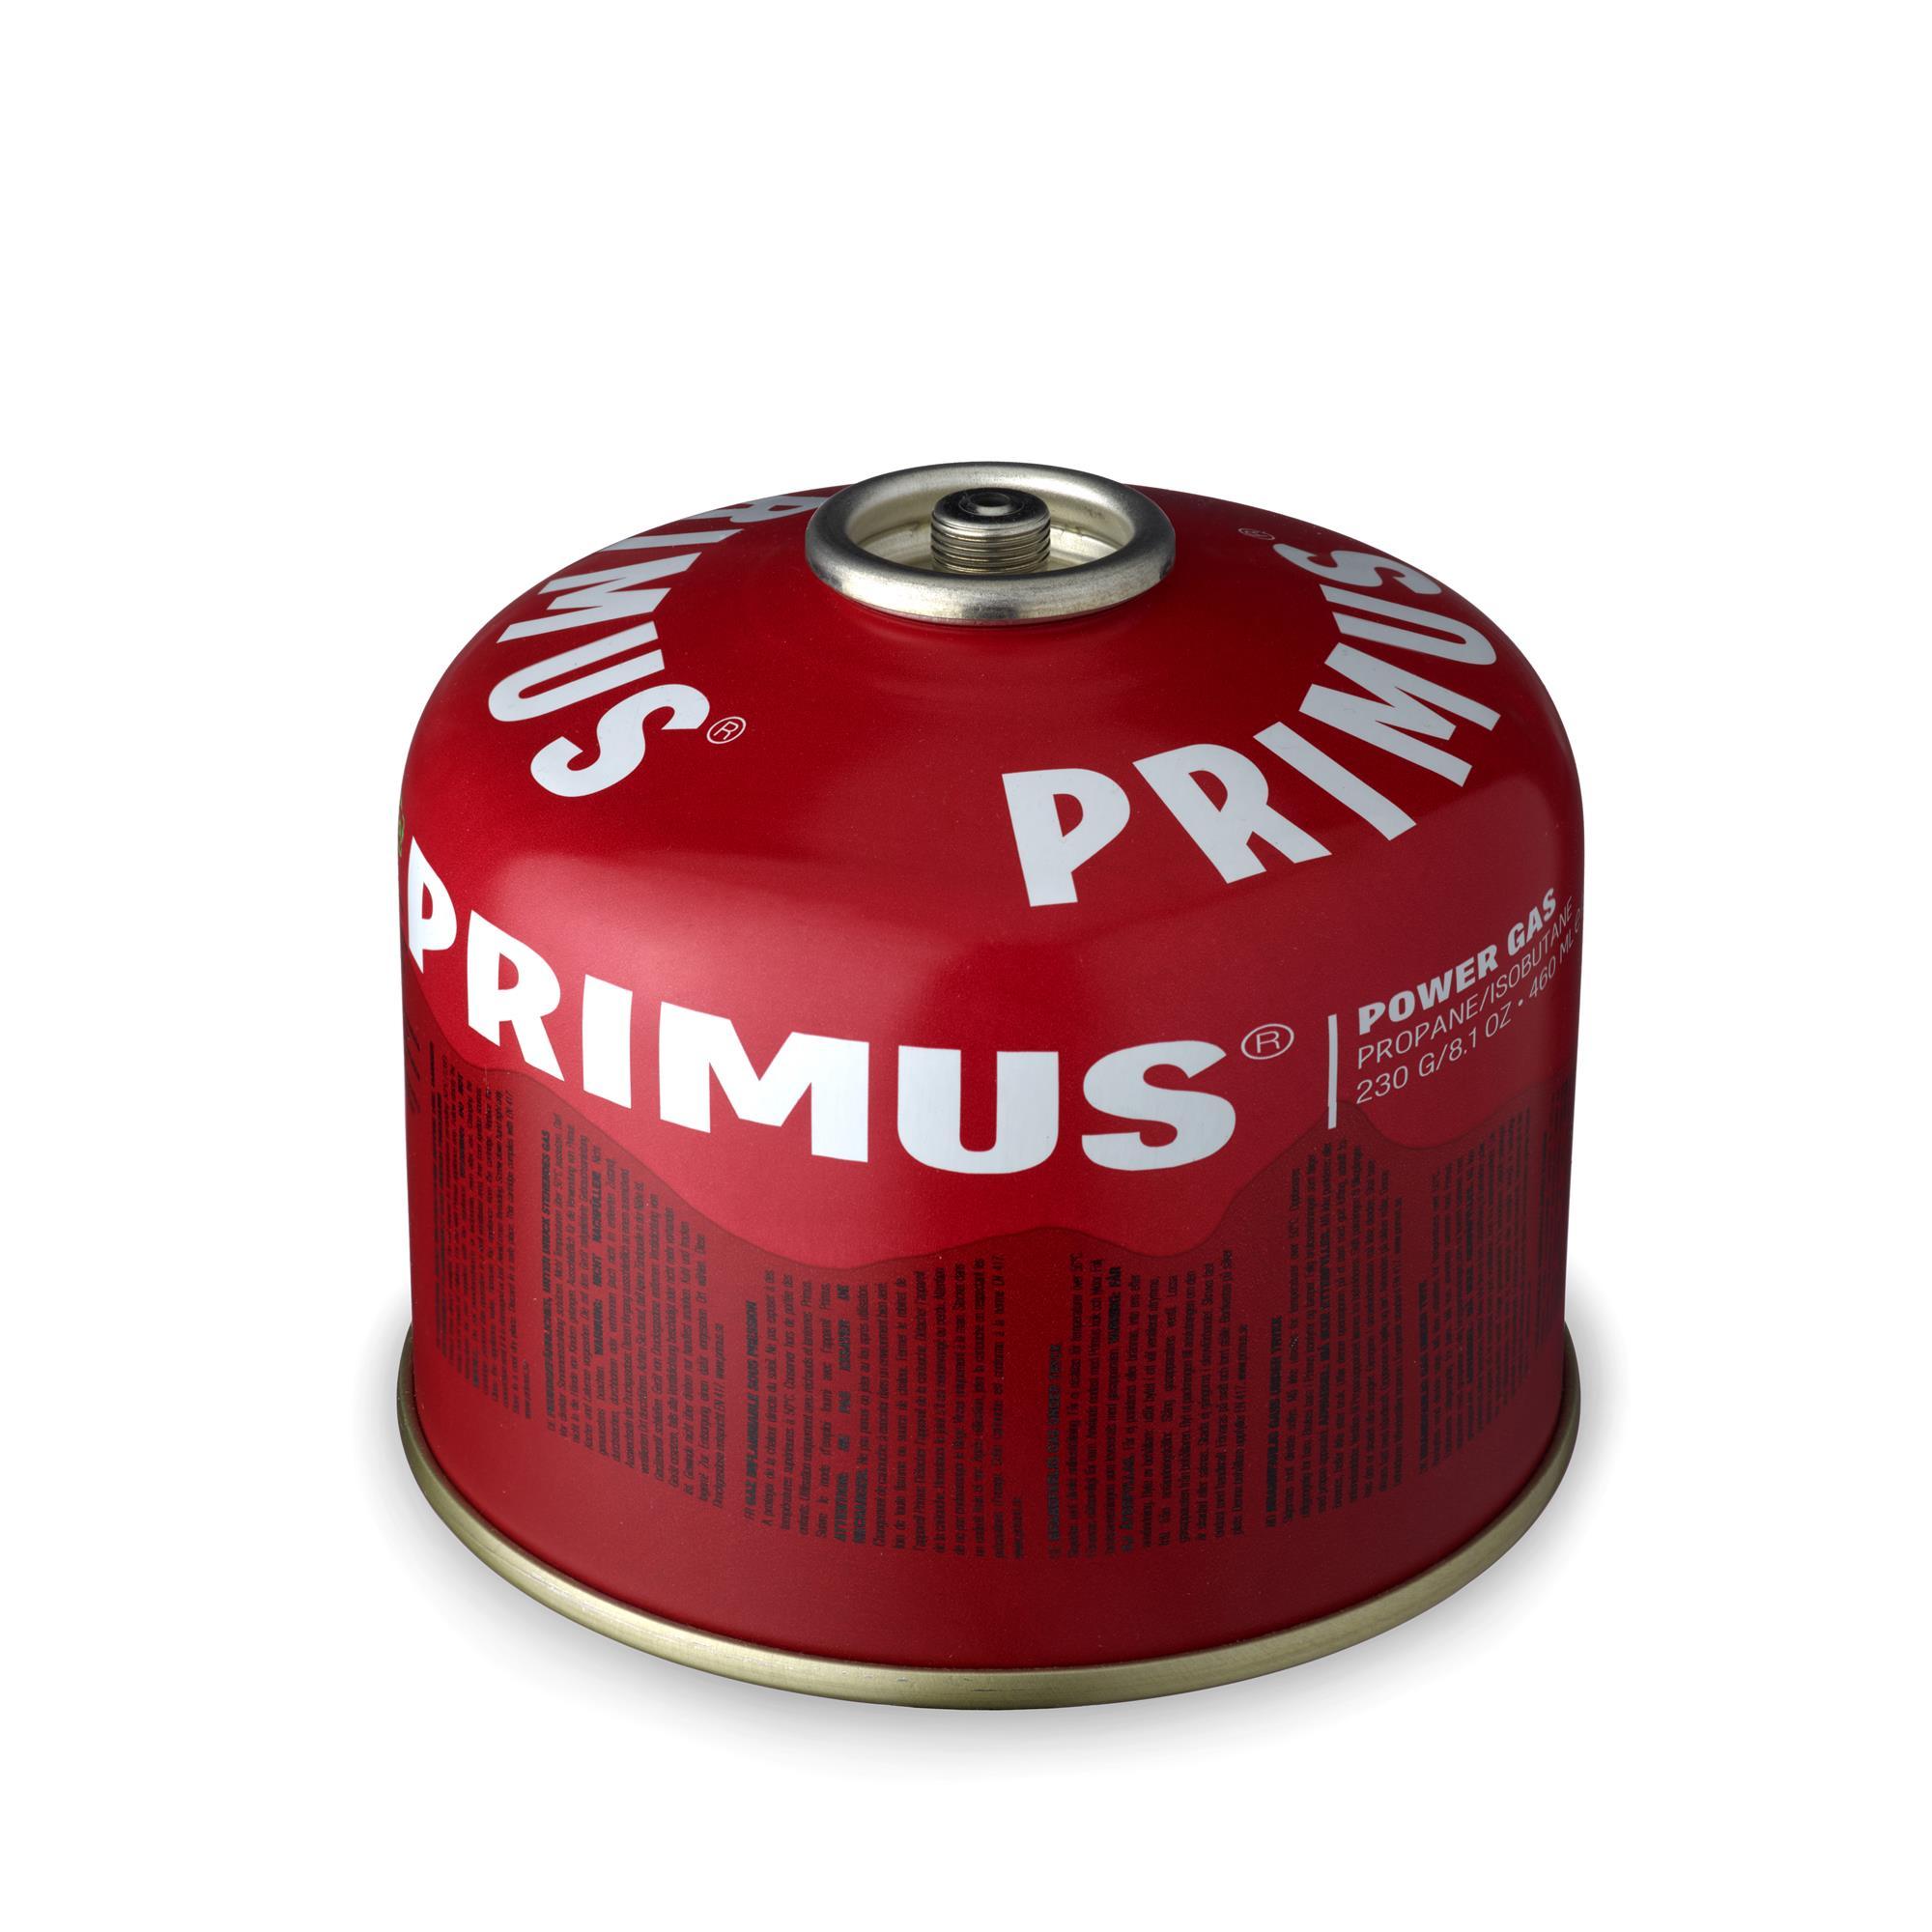 Primus Power Gas Ventilgaskartusche 230g